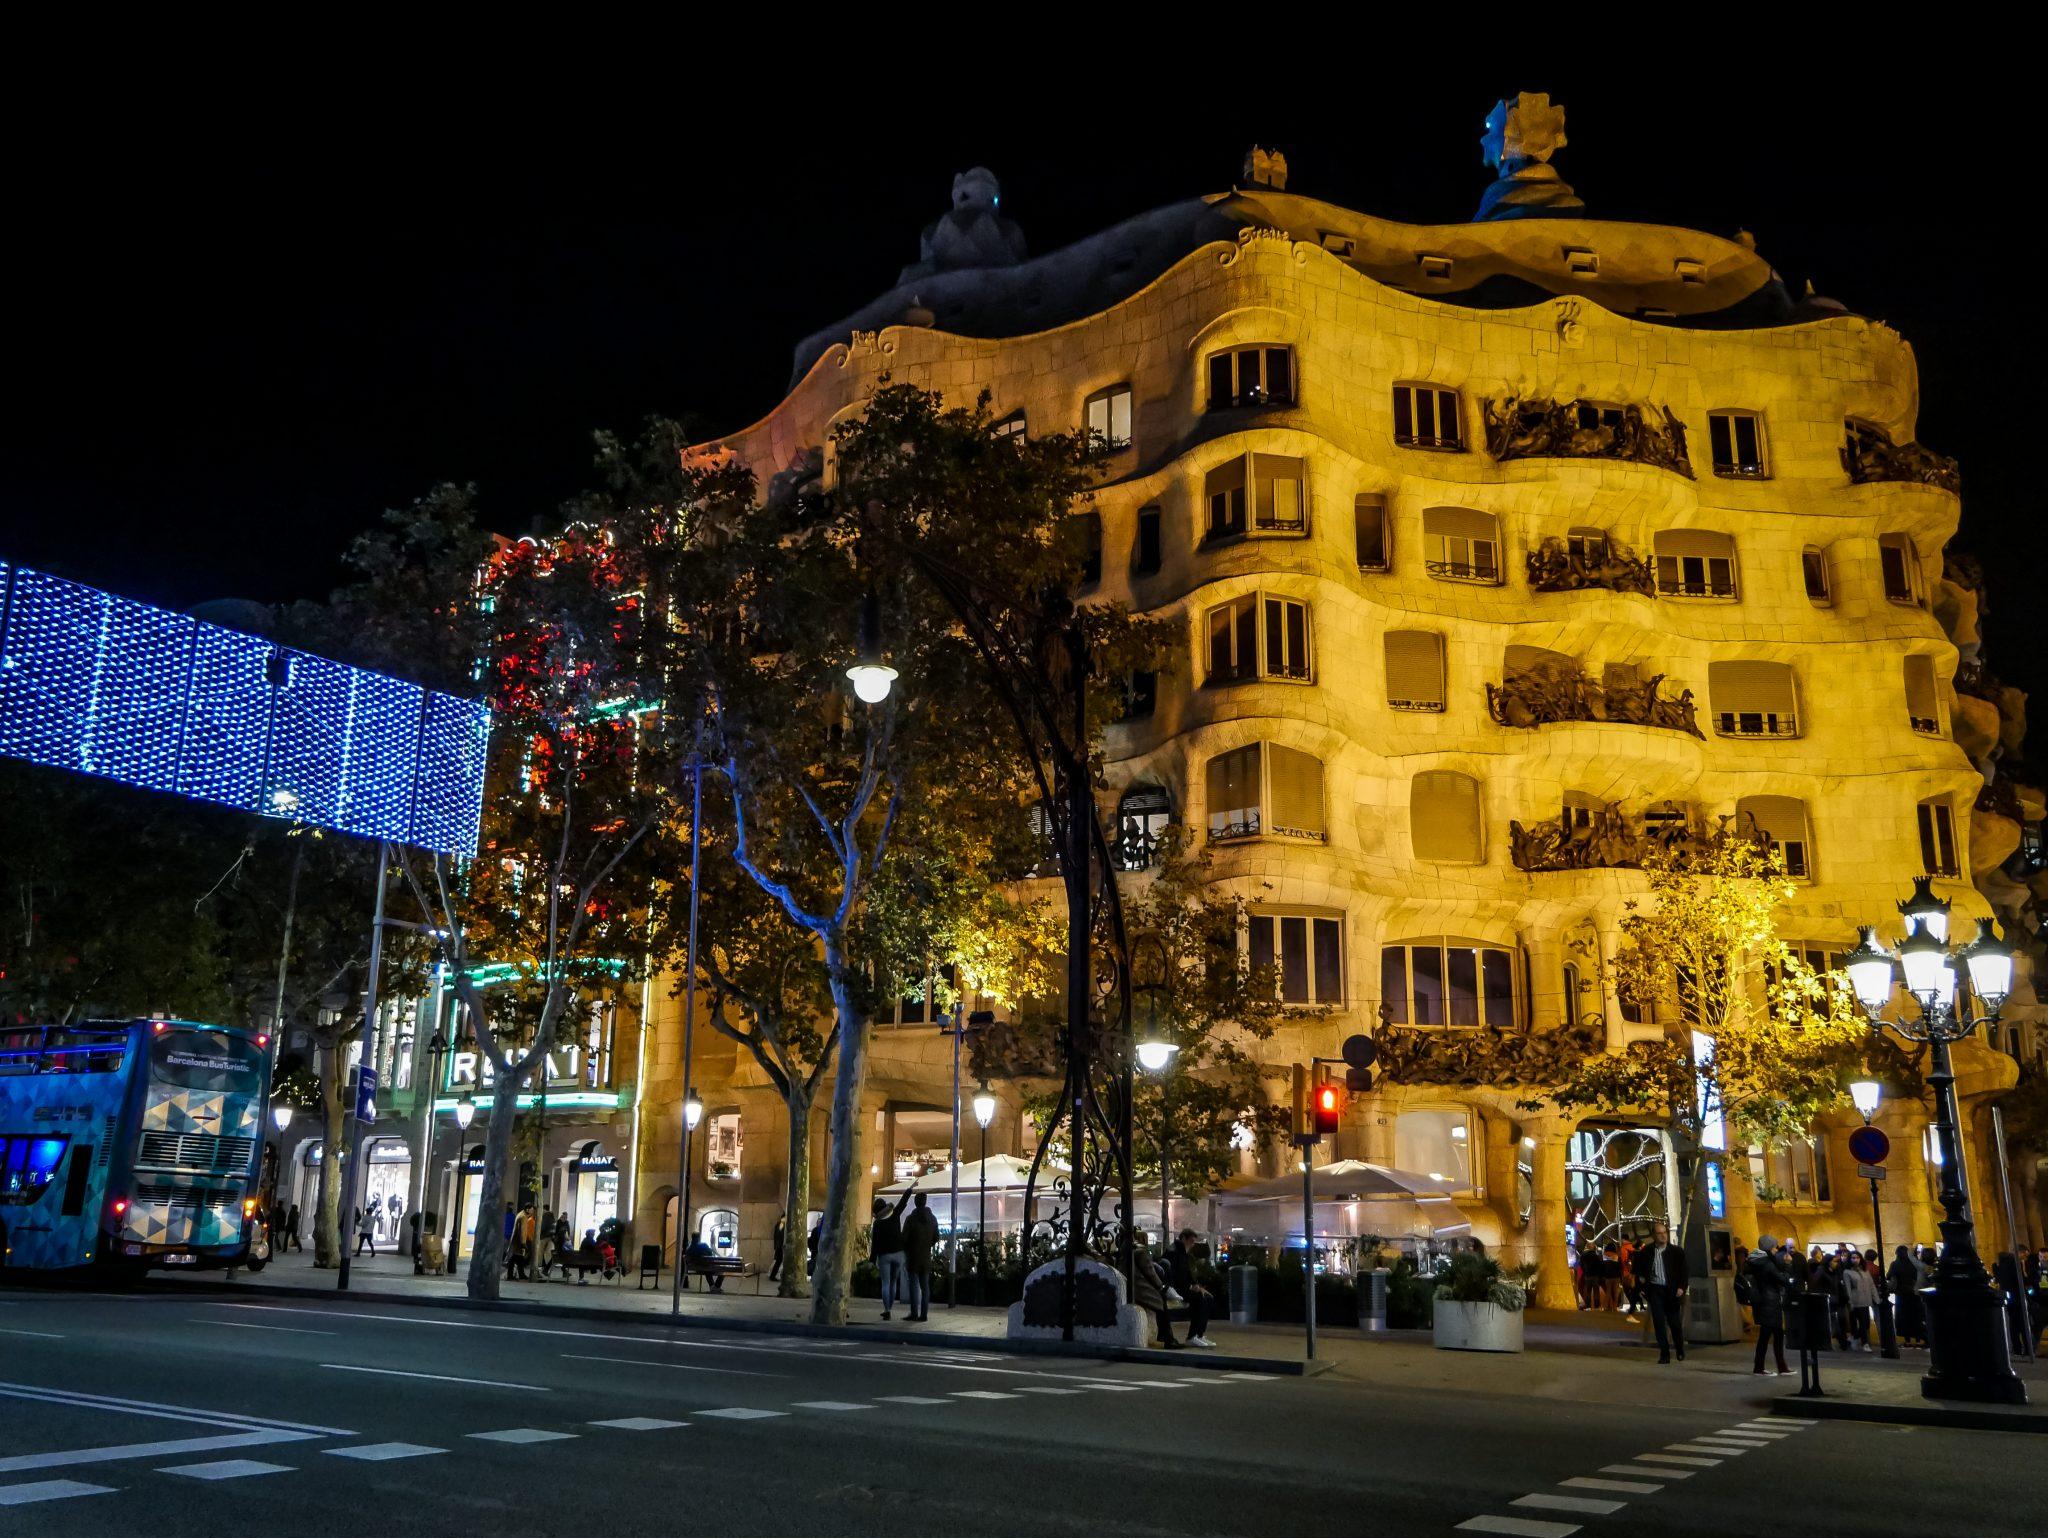 Casa Milà, la pedrera wird auch schön angestrahlt bei Nacht.